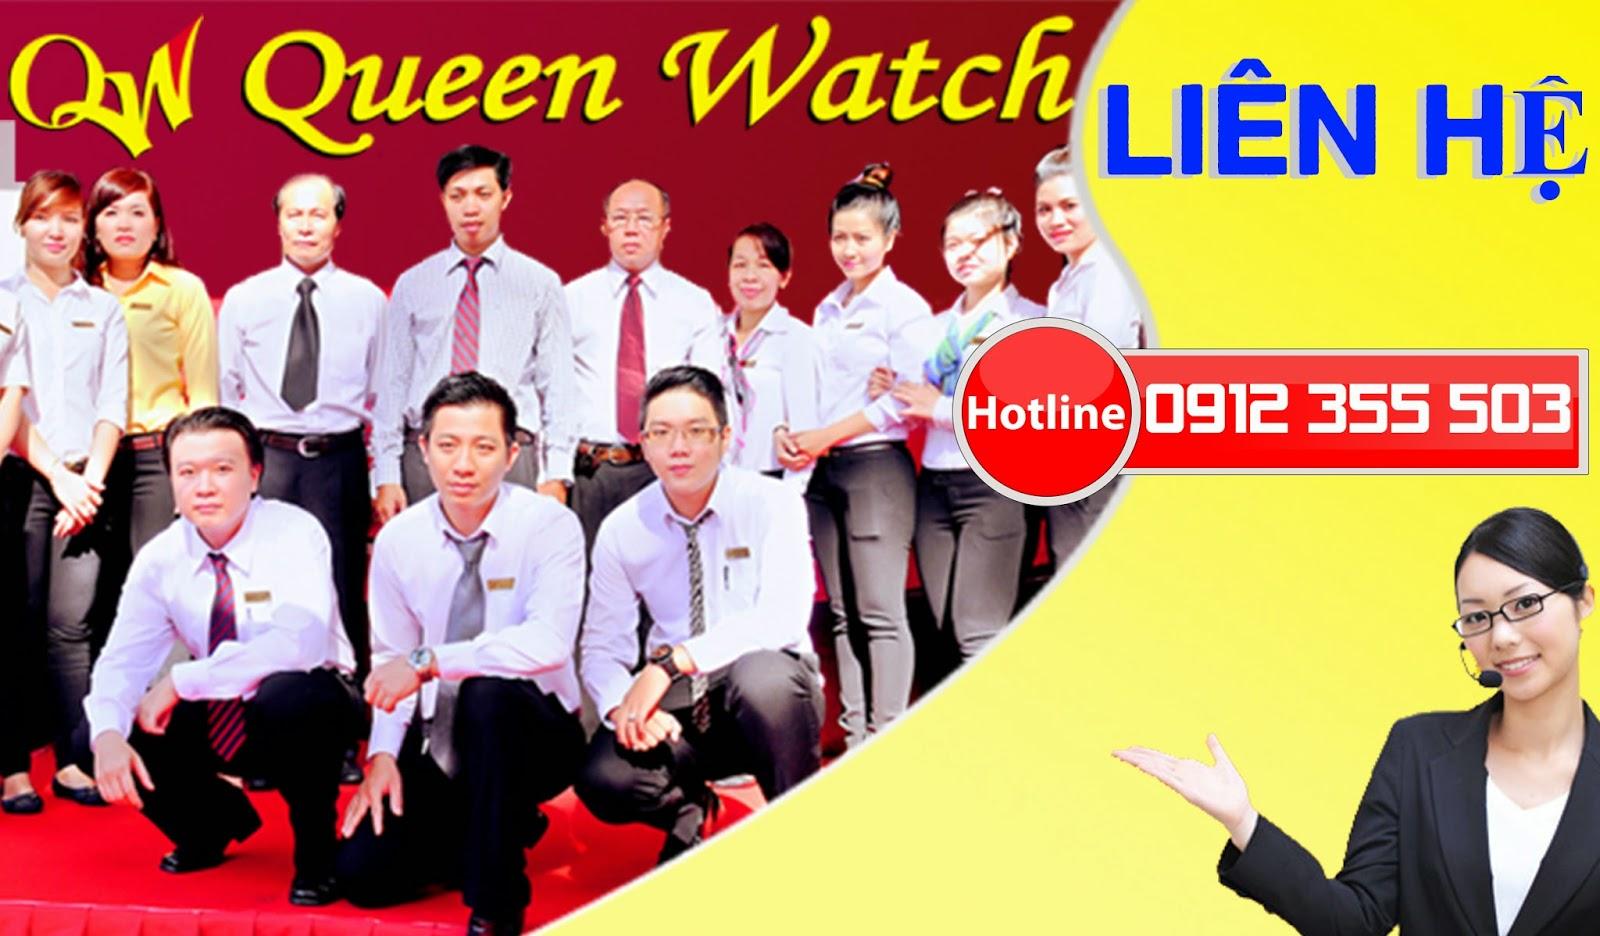 liên hệ đồng hồ cao cấp Queen Watch